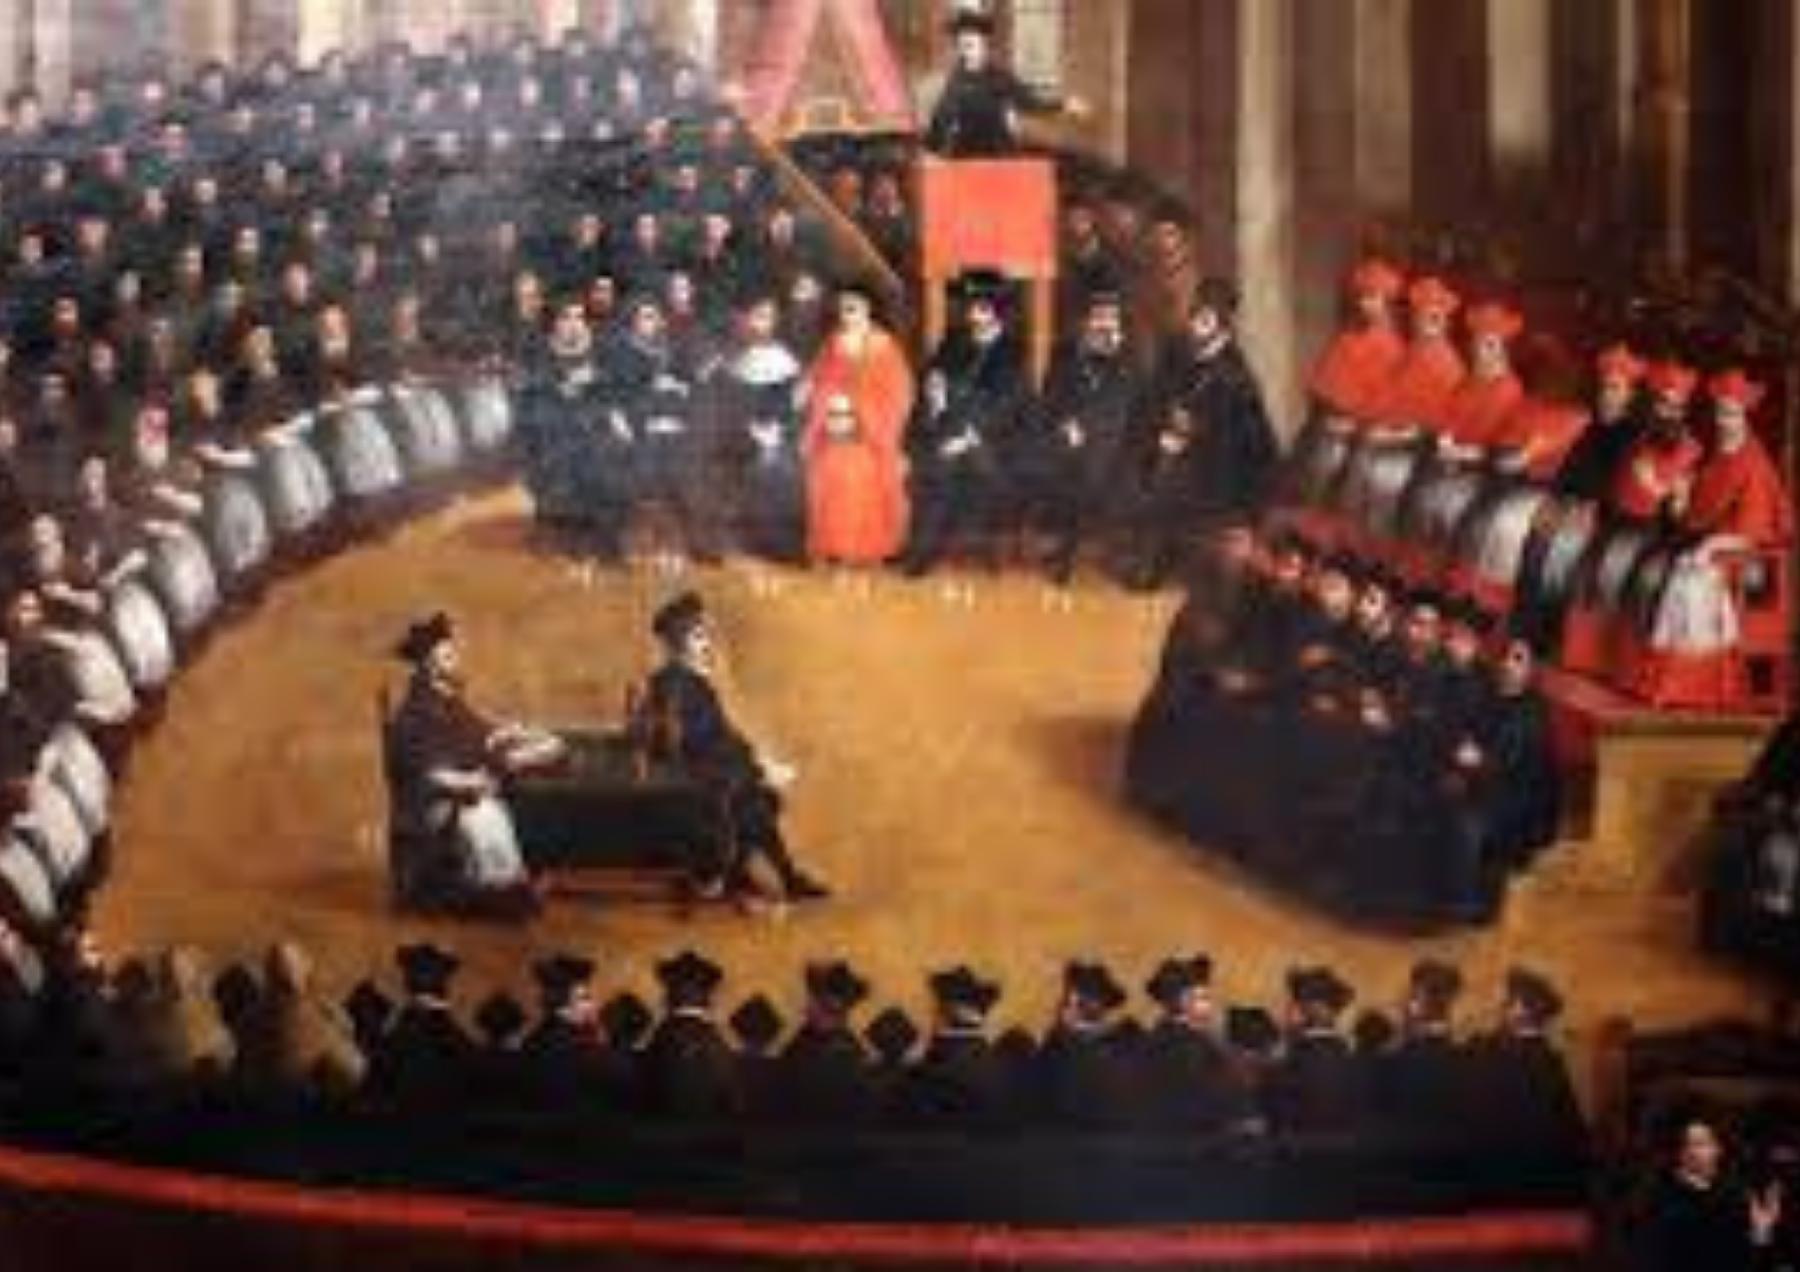 4 Dicembre 1563 Si Chiude Il Concilio Di Trento Massime Dal Passato